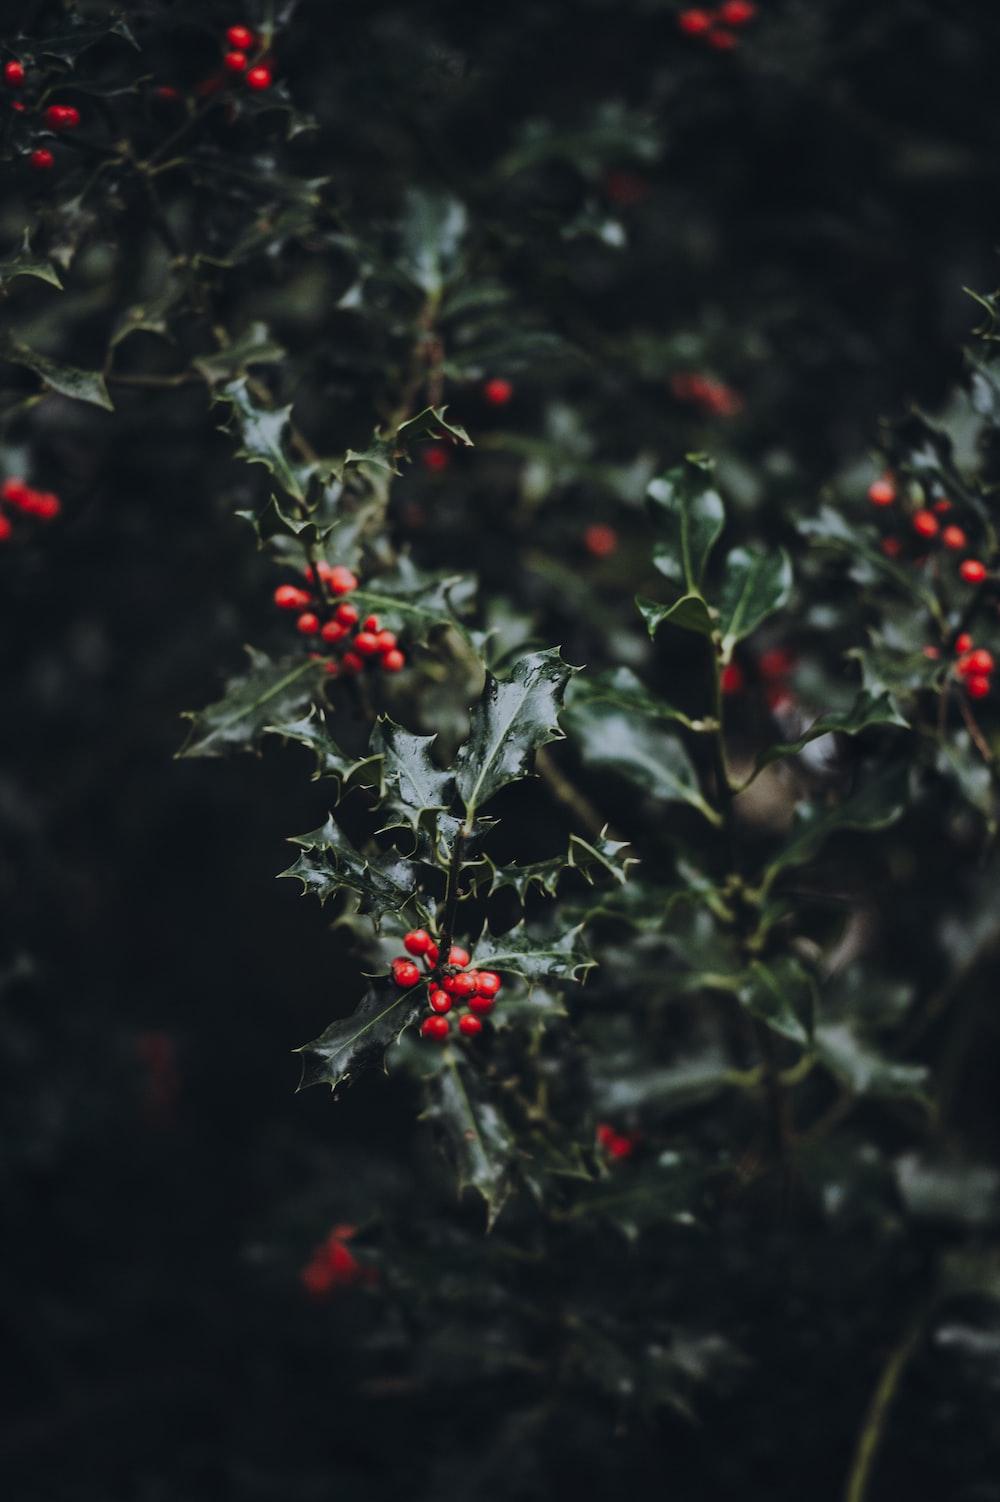 red fruit closeup photography